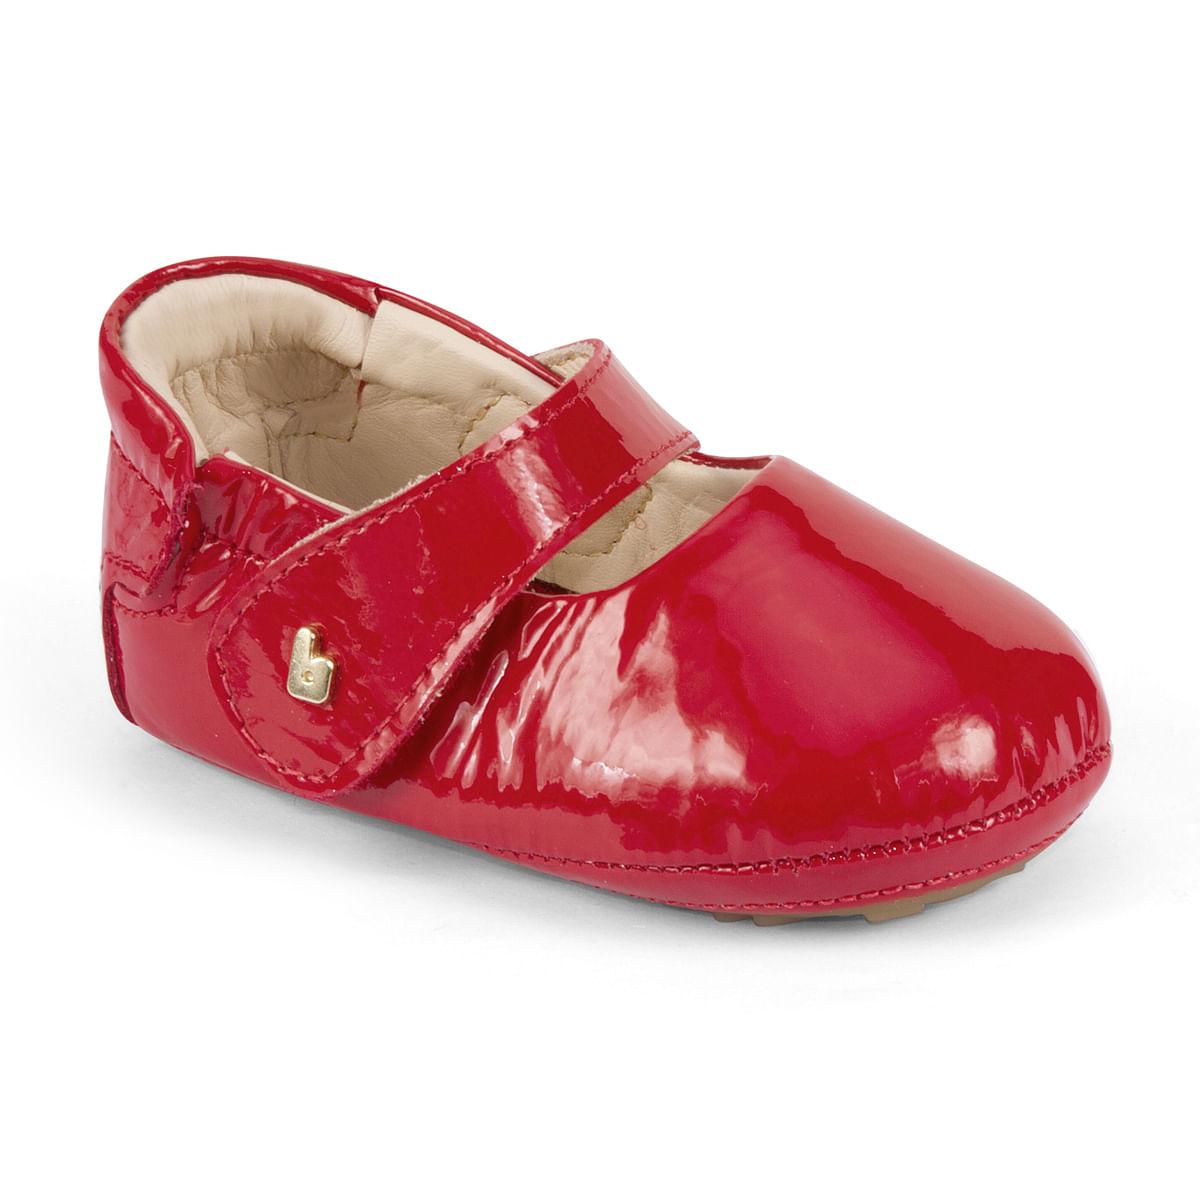 521876c72b Sapatilha Infantil Bibi Feminina Vermelha Verniz Afeto New 921284 ...